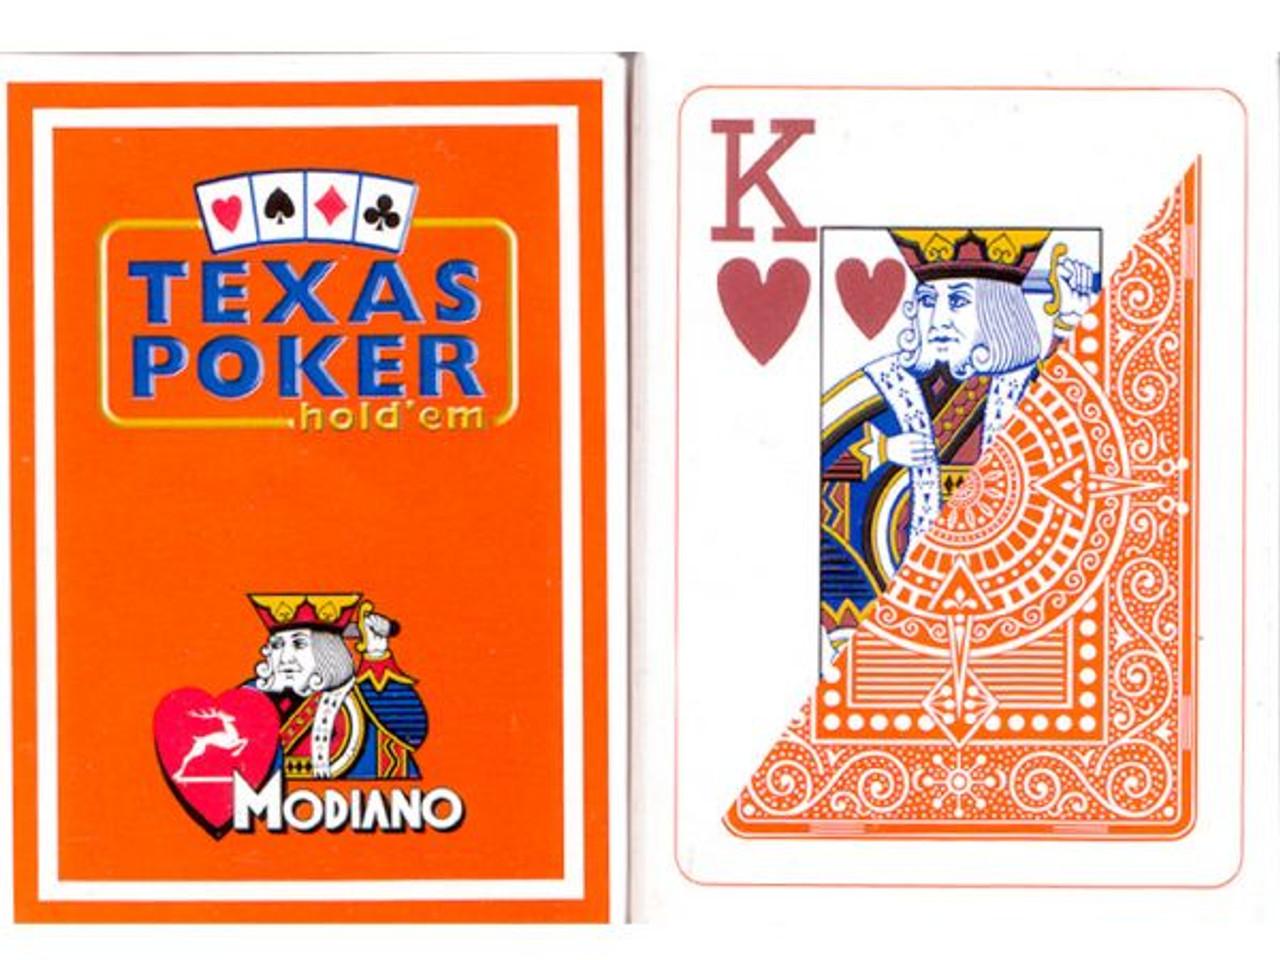 Carti de Texas Holdem 100% plastic, cu index mare portocaliu